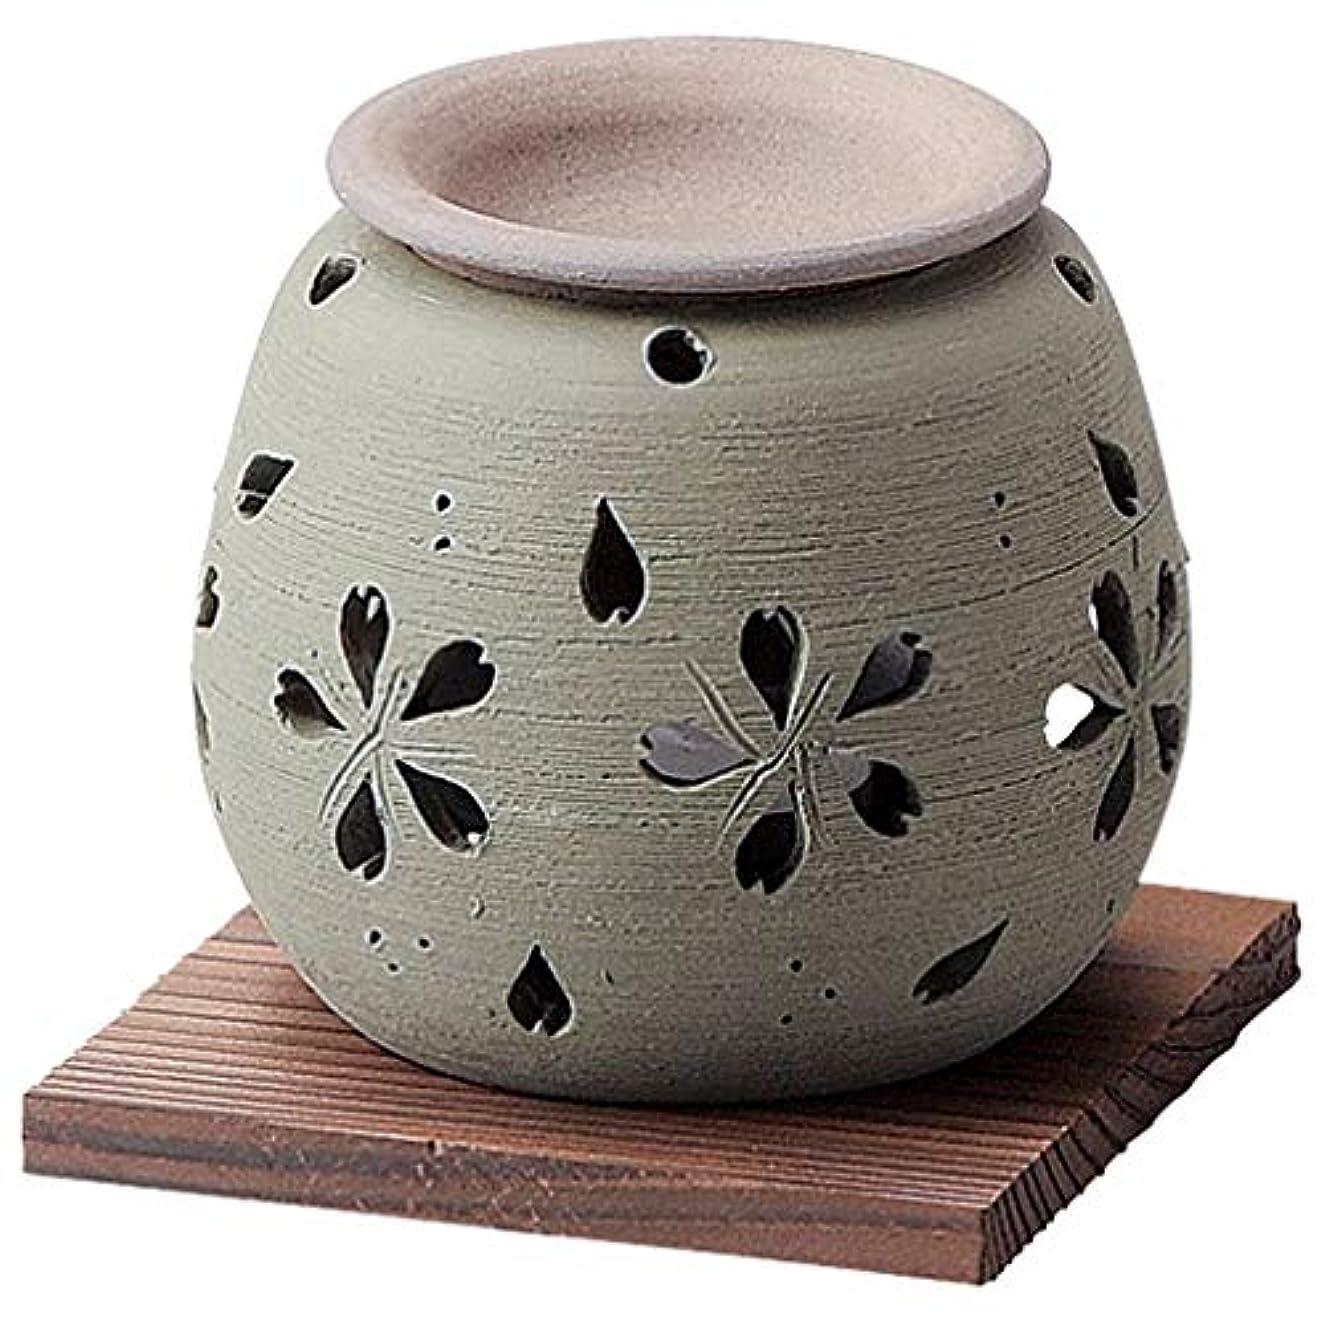 ルネッサンス欠かせないブッシュお部屋の消臭に!■常滑焼【茶香炉】石龍作 緑桜茶香炉